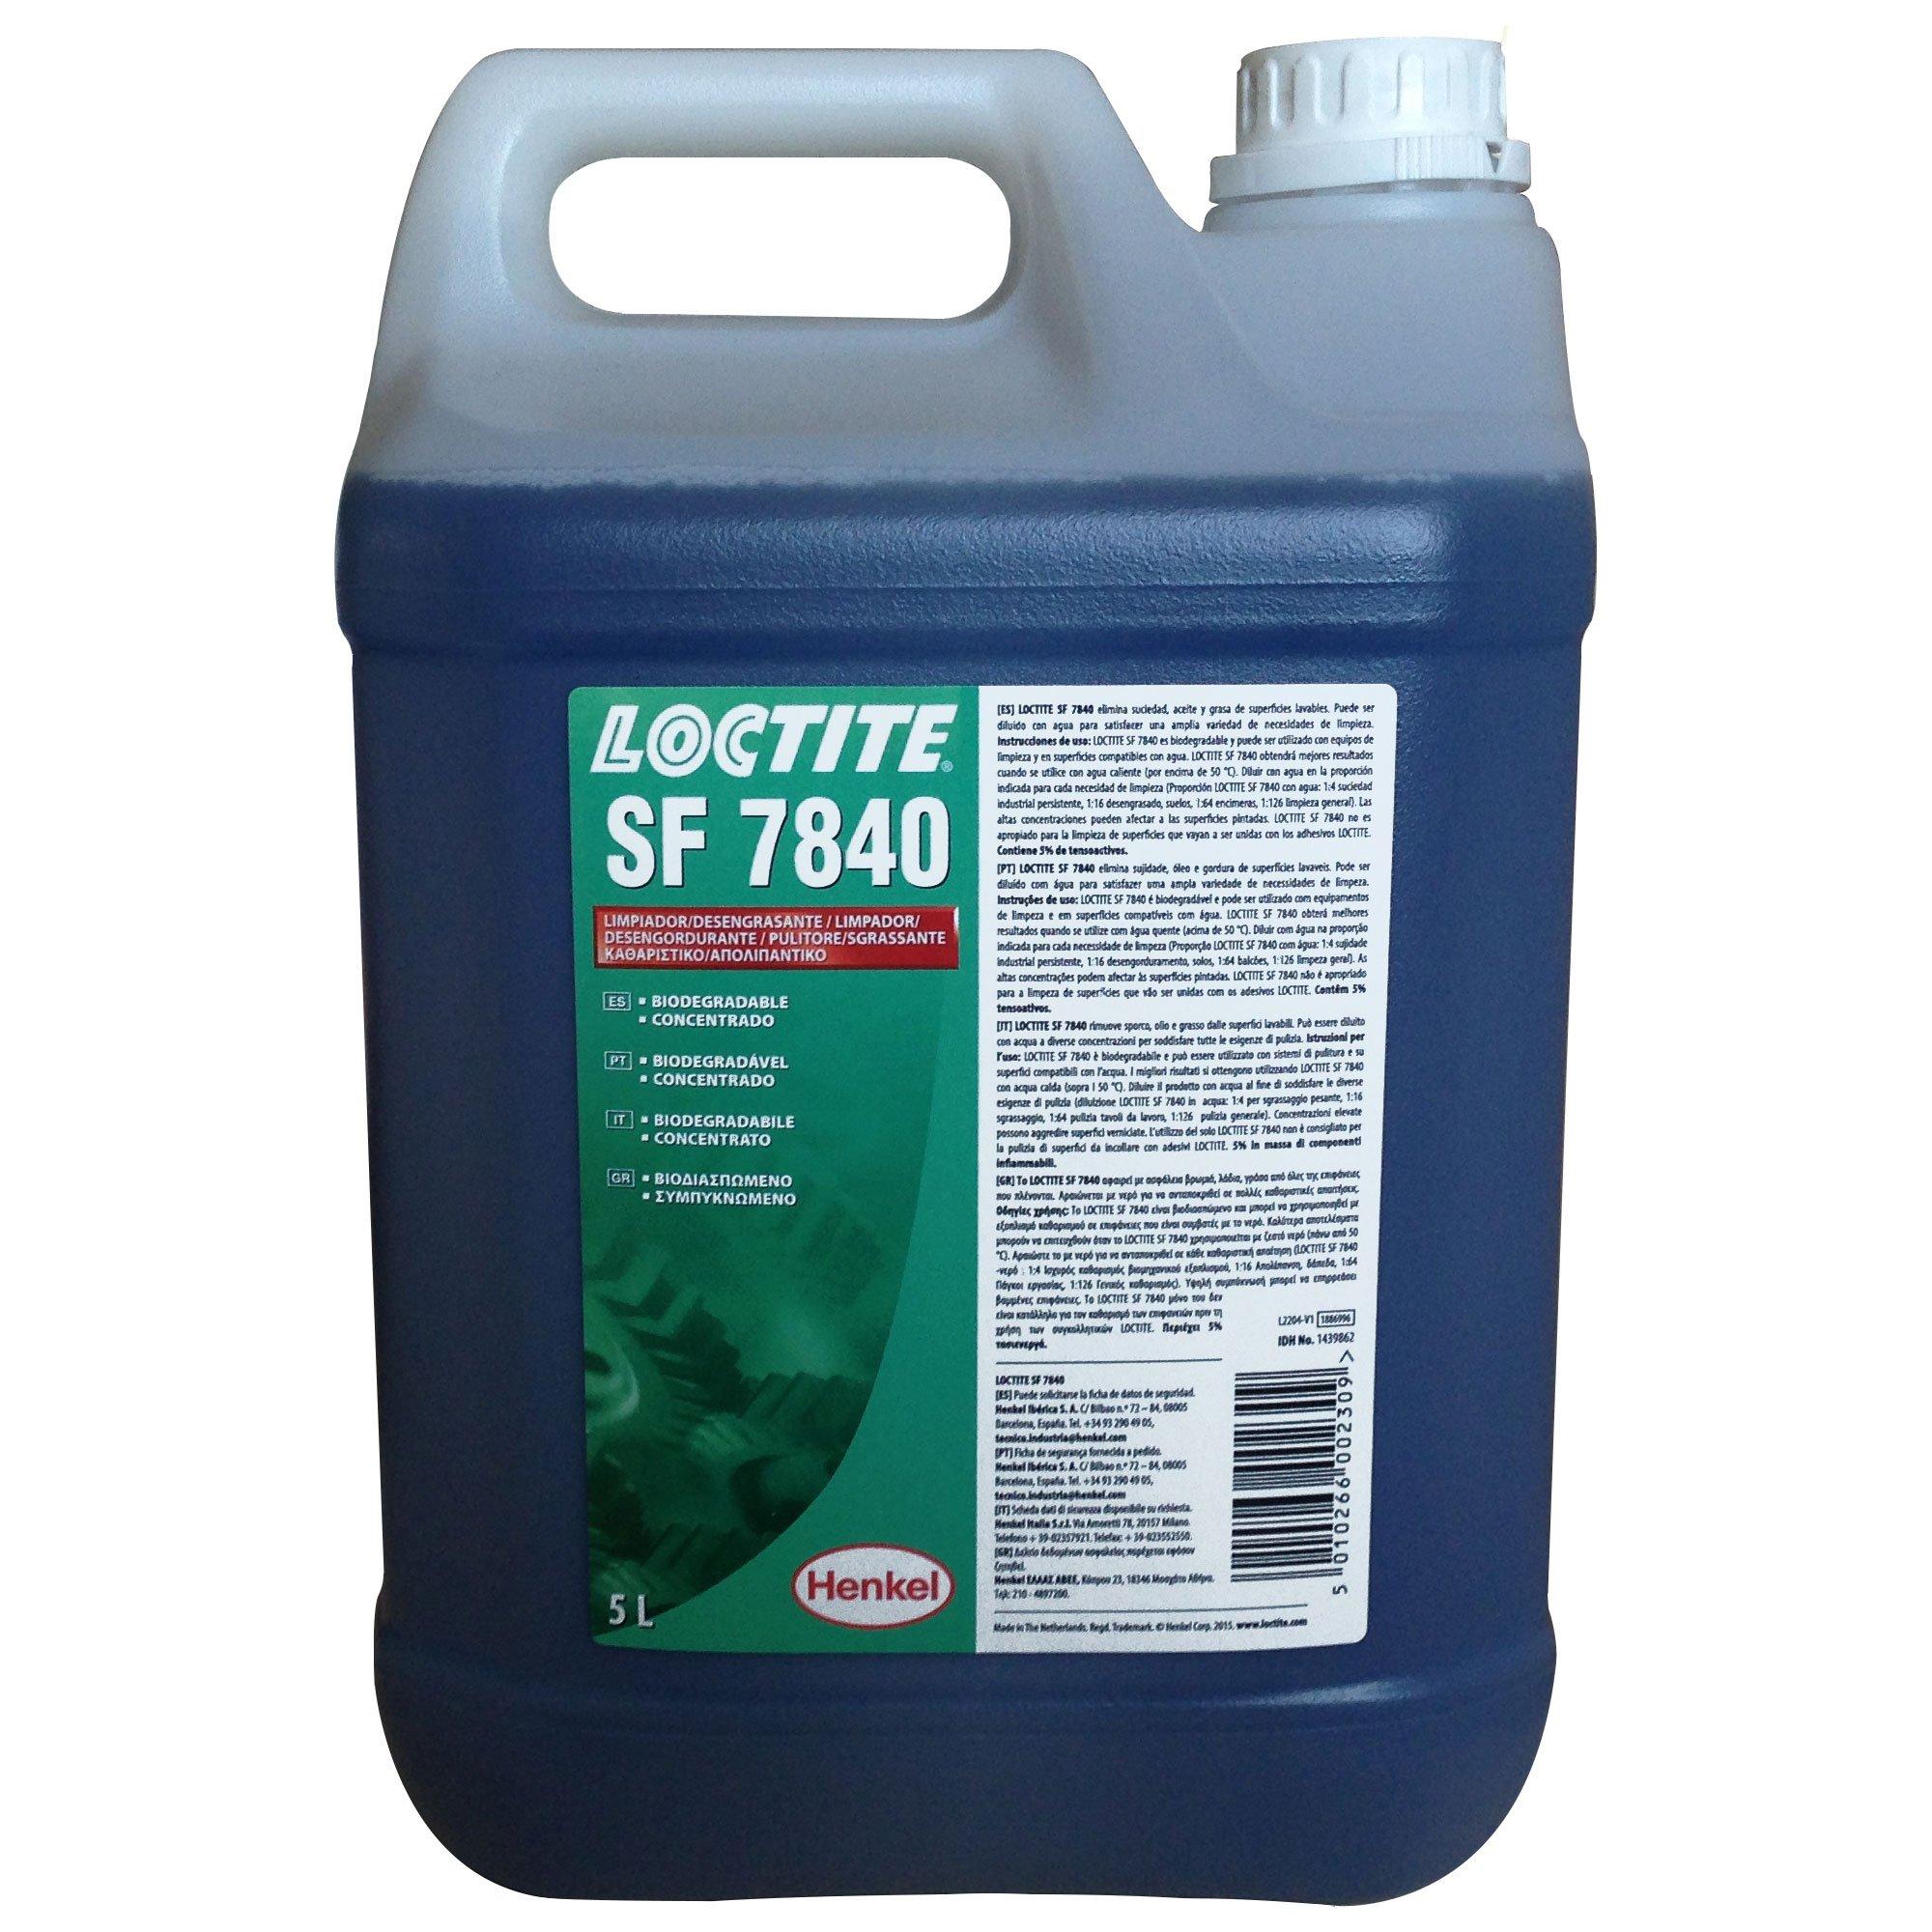 Henkel - Loctite Sf 7840 5L Epig Desengrasante Uso General: Amazon ...